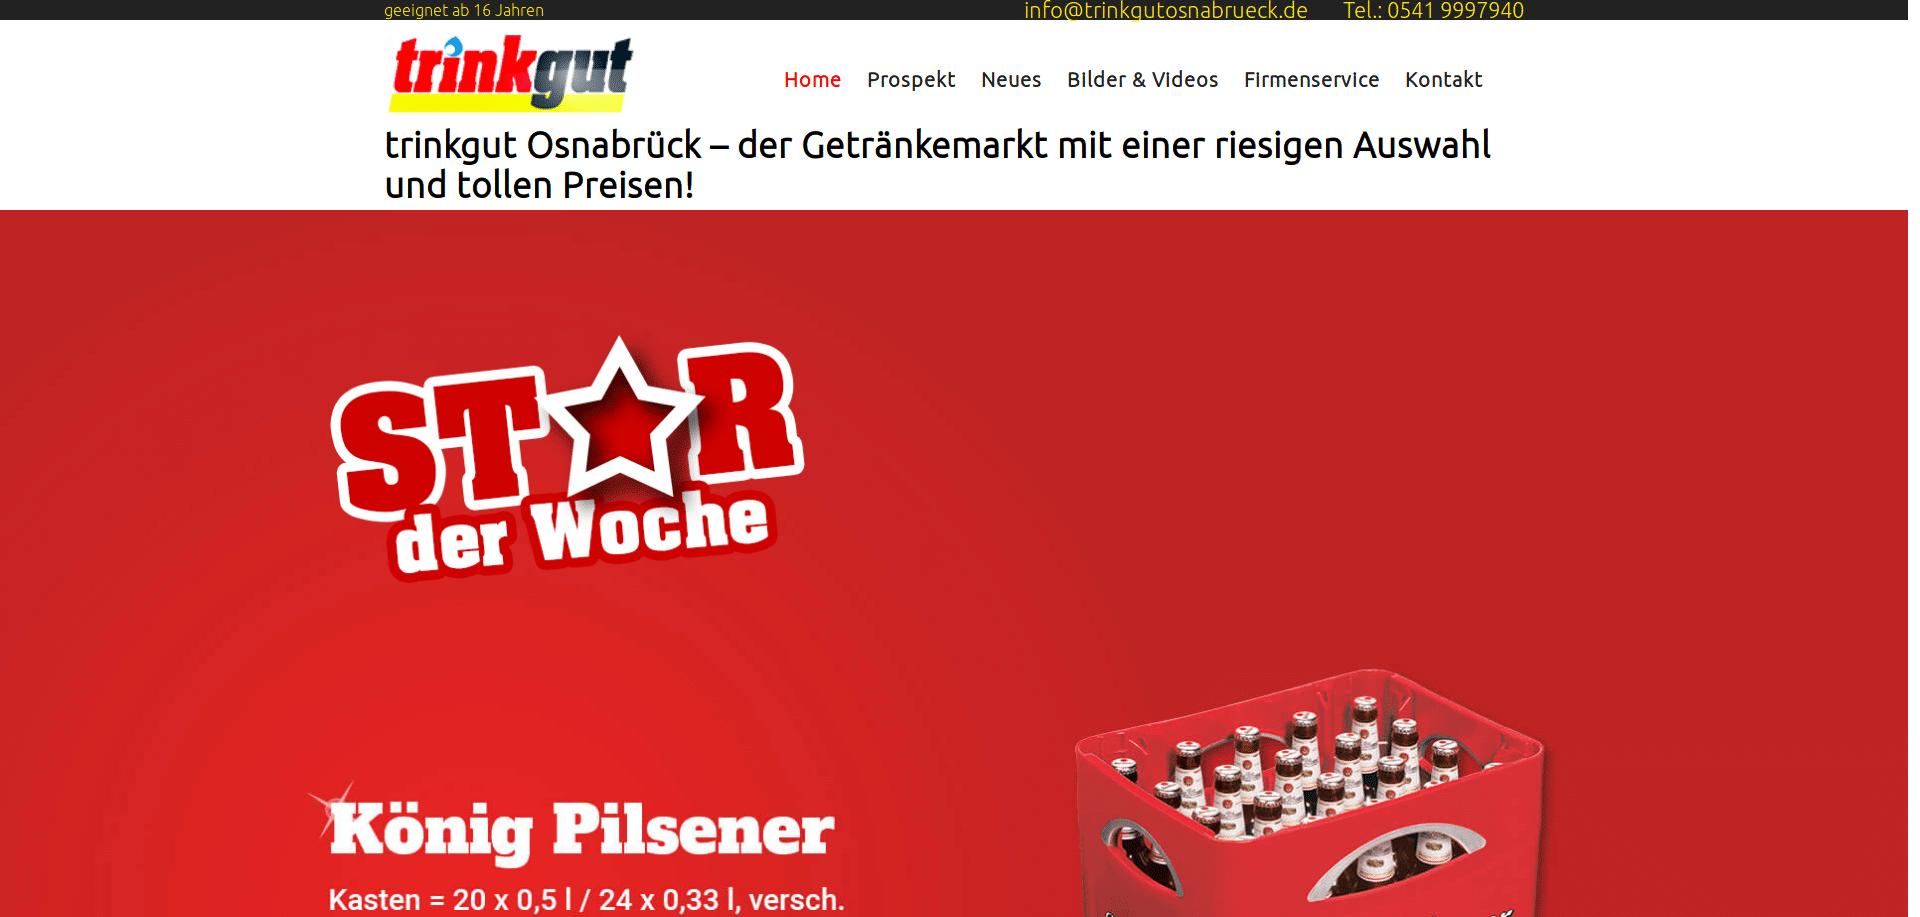 Webseite Digital Signage Getränkesupermarkt trinkgut Bittner e.K.